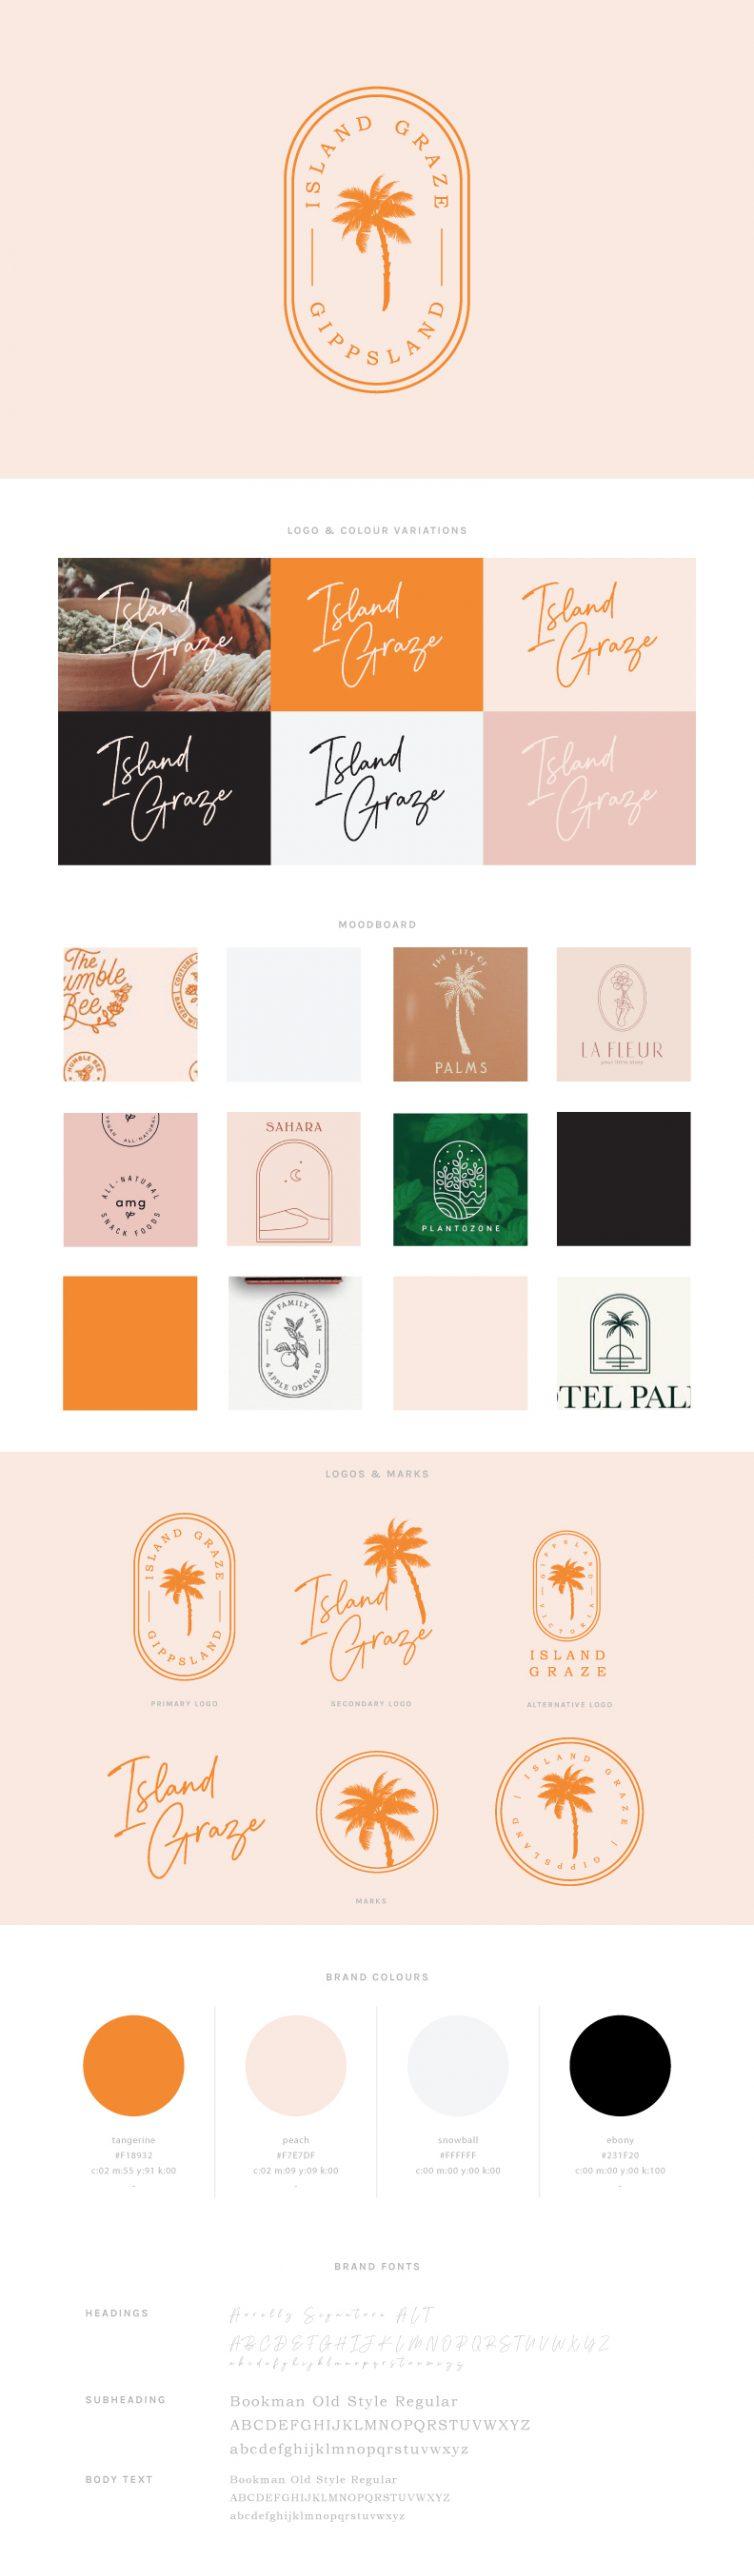 IslandGraze_Branding_Portfolio